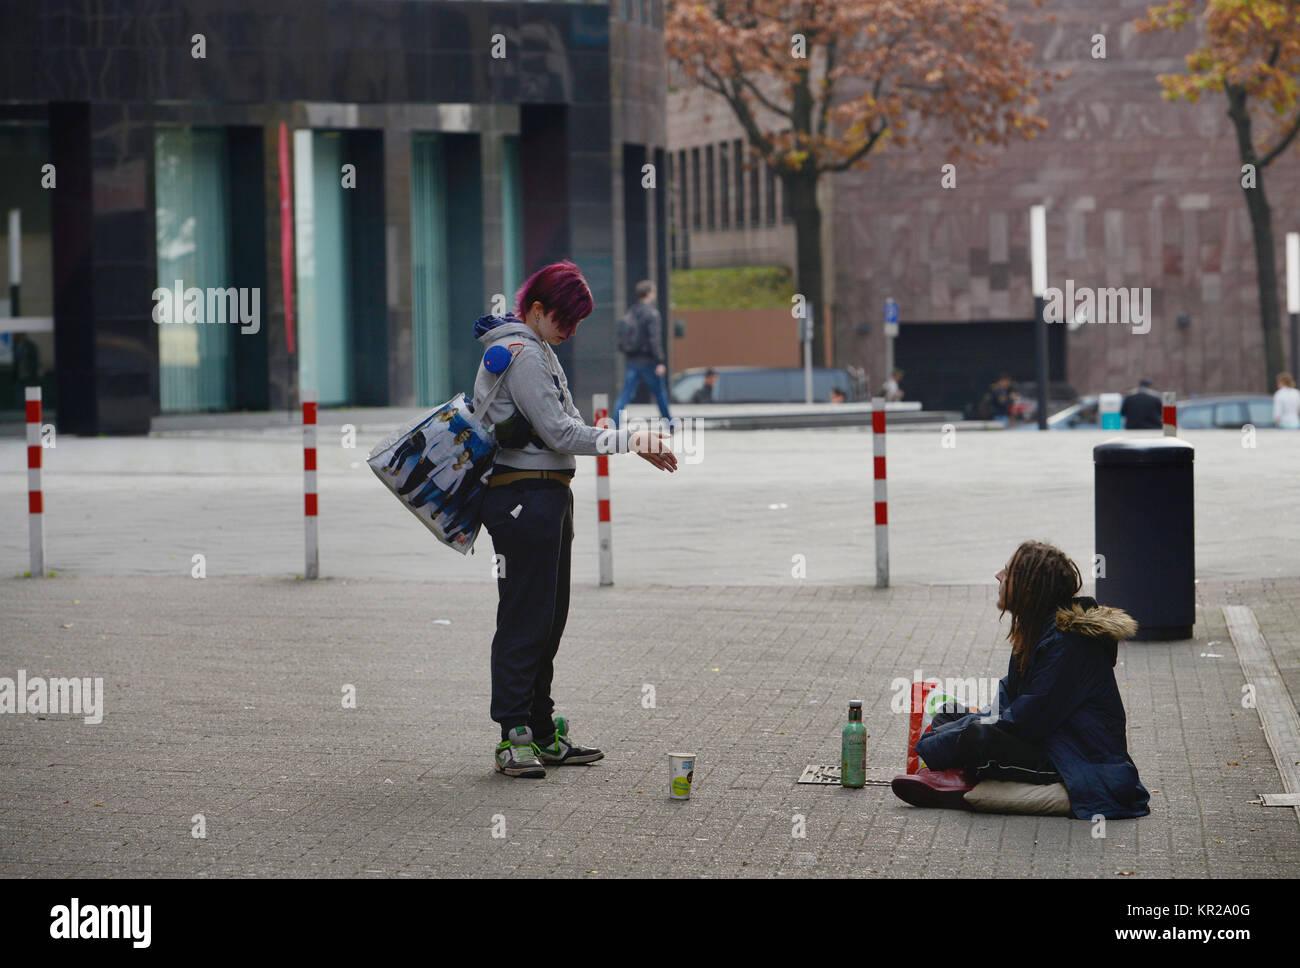 Beggar, museum lane, Dortmund, North Rhine-Westphalia, Germany, Bettler, Museumsgasse, Nordrhein-Westfalen, Deutschland - Stock Image